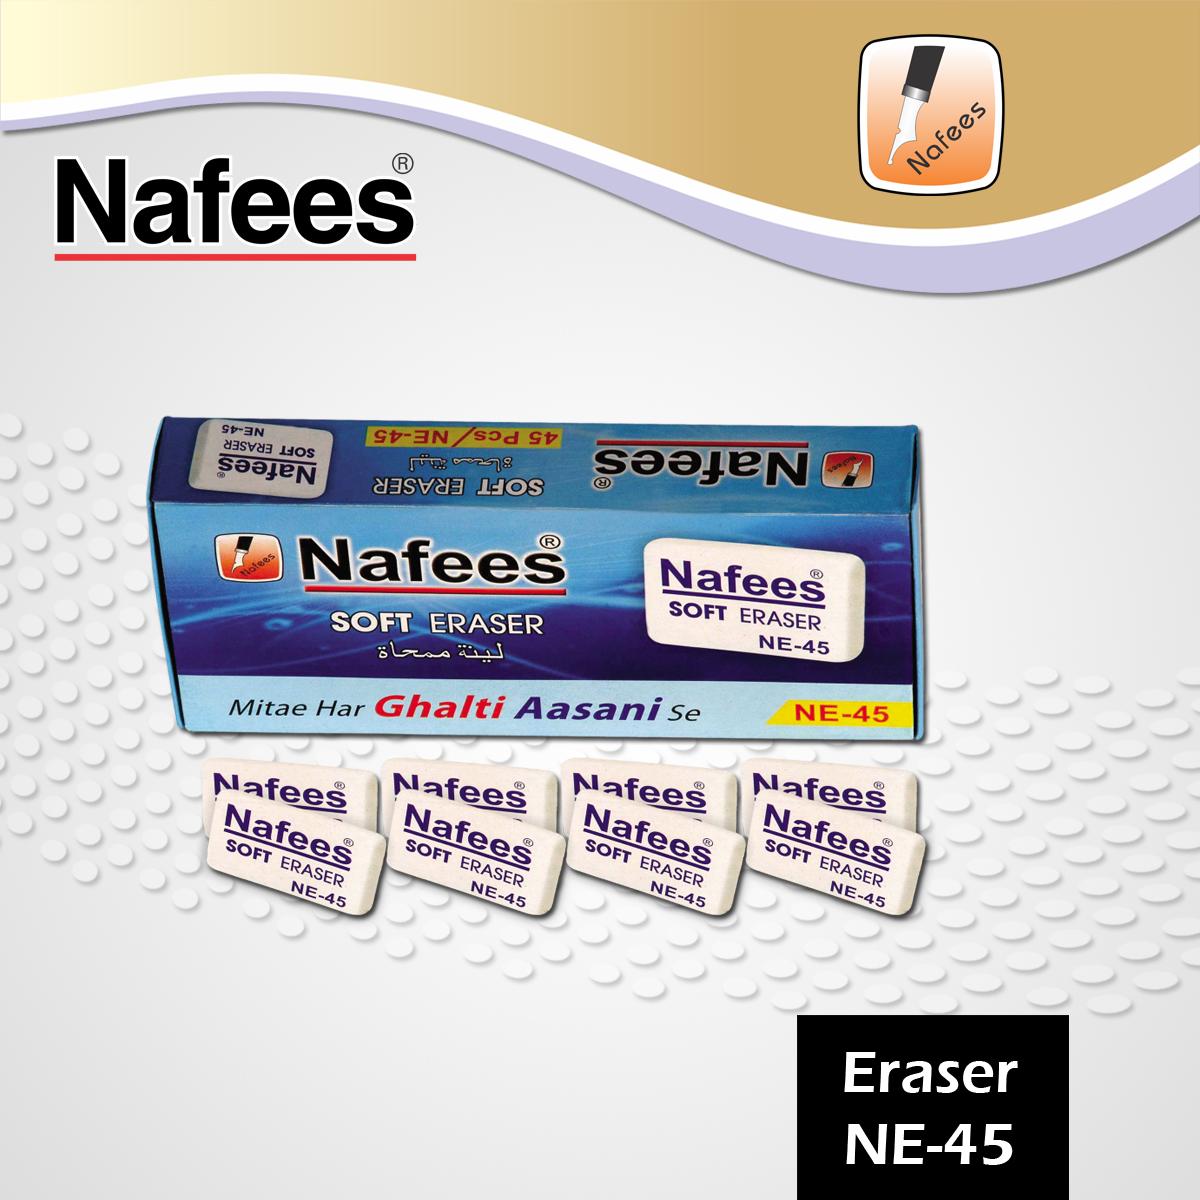 NE-45 Eraser